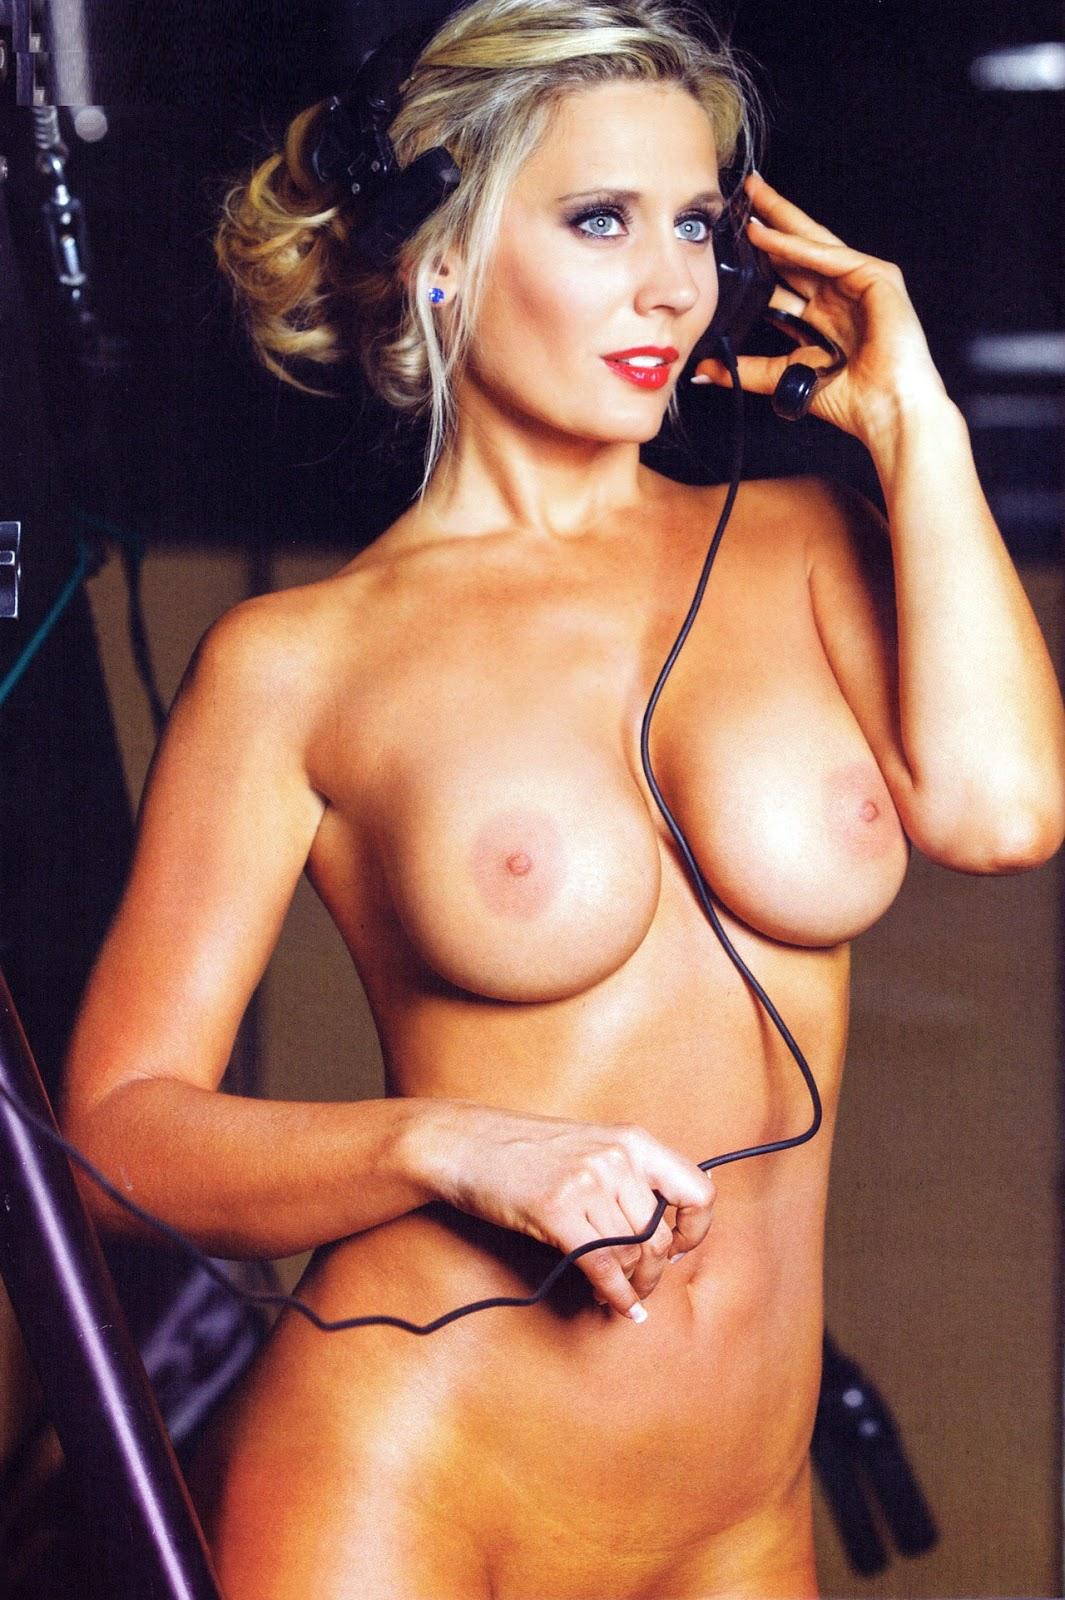 prostitutas en erandio vip desnudas prostitutas famosas actrices desnudas